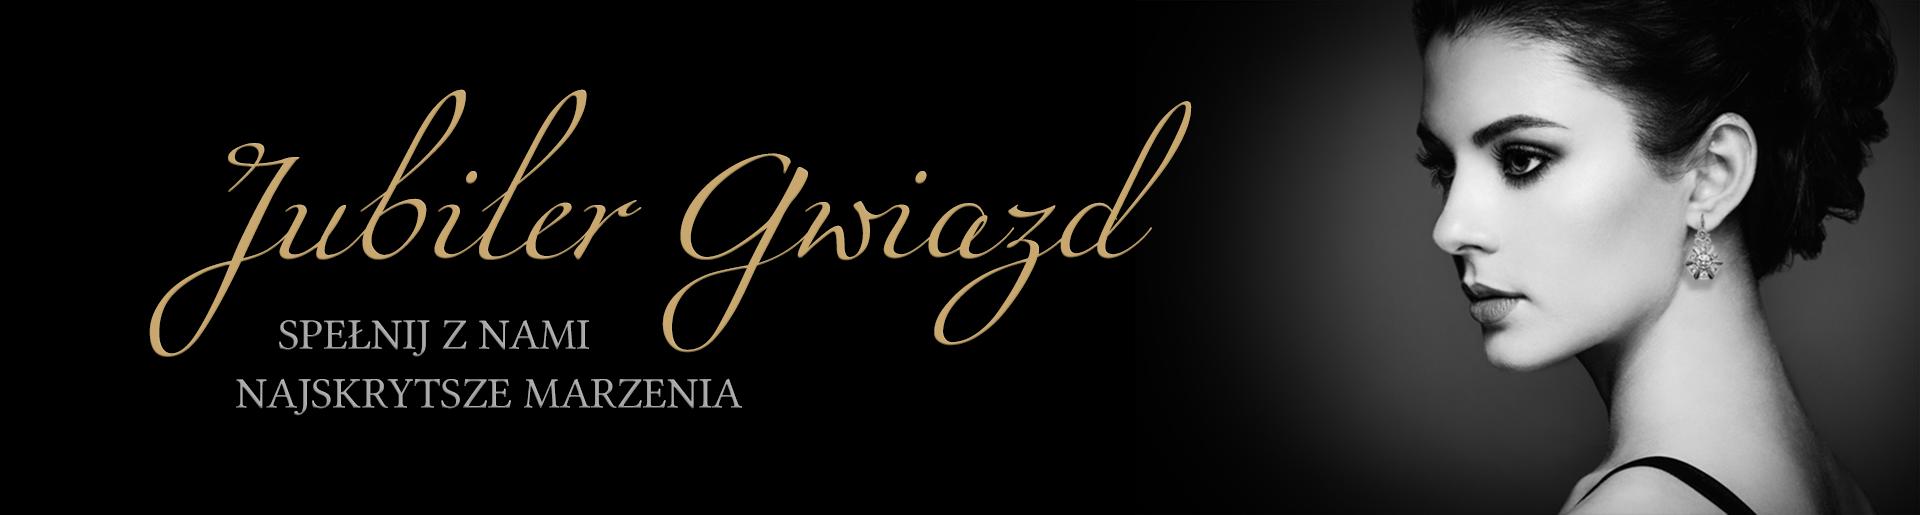 jubiler warszawa biżuteria złota z brylantami